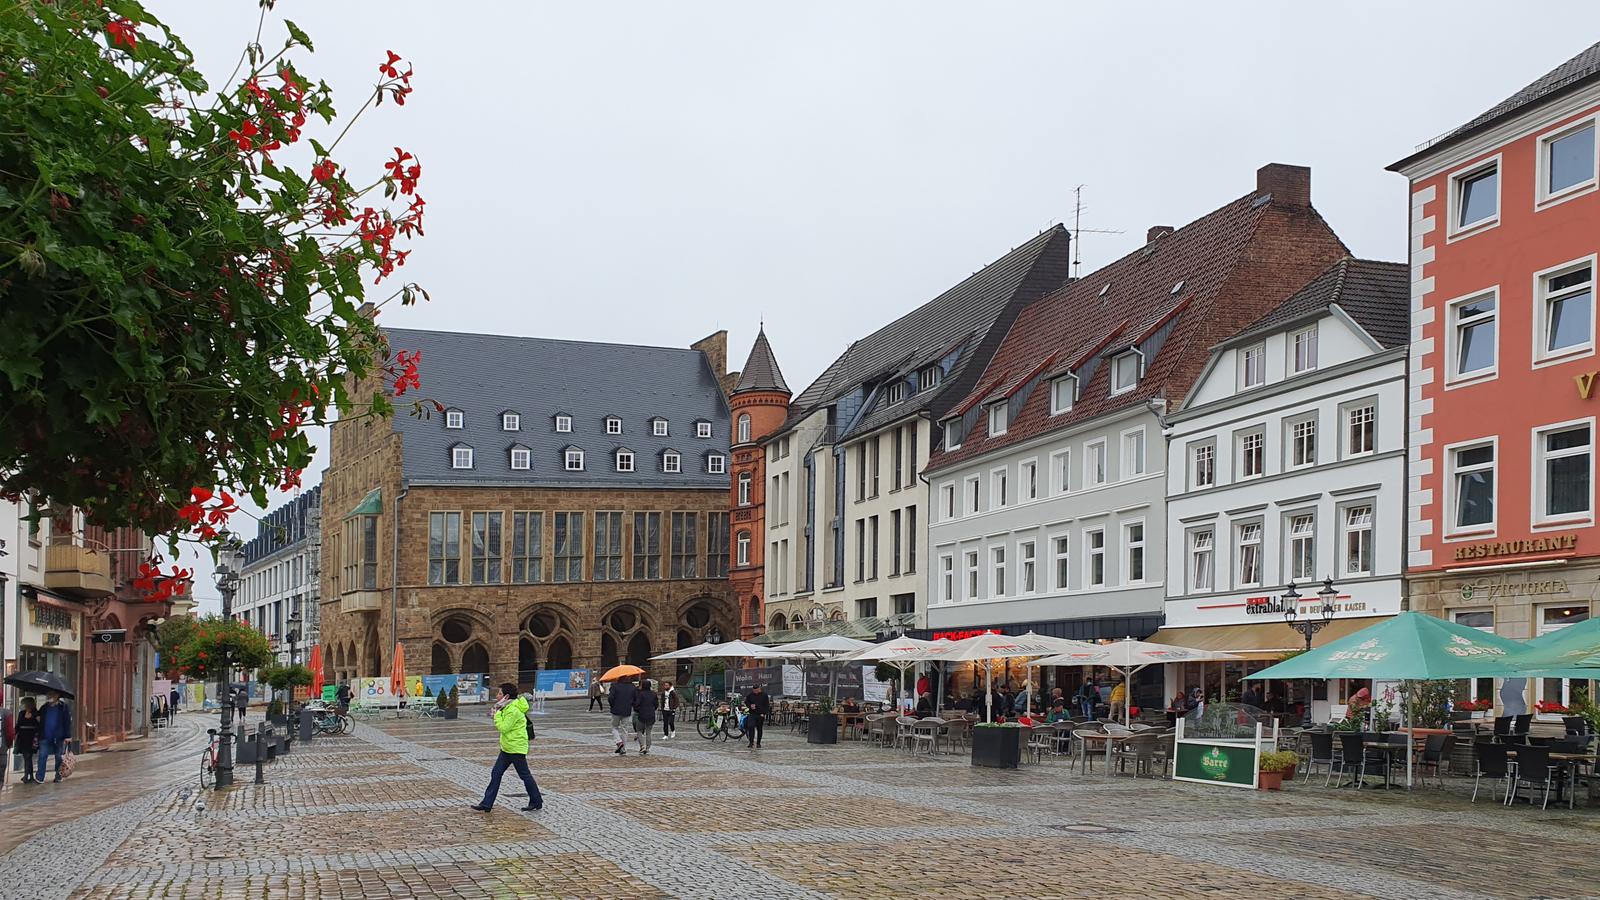 Sehenswürdigkeiten von Minden, Sehenswert im Teutoburger Wald, Mindener Altstadt